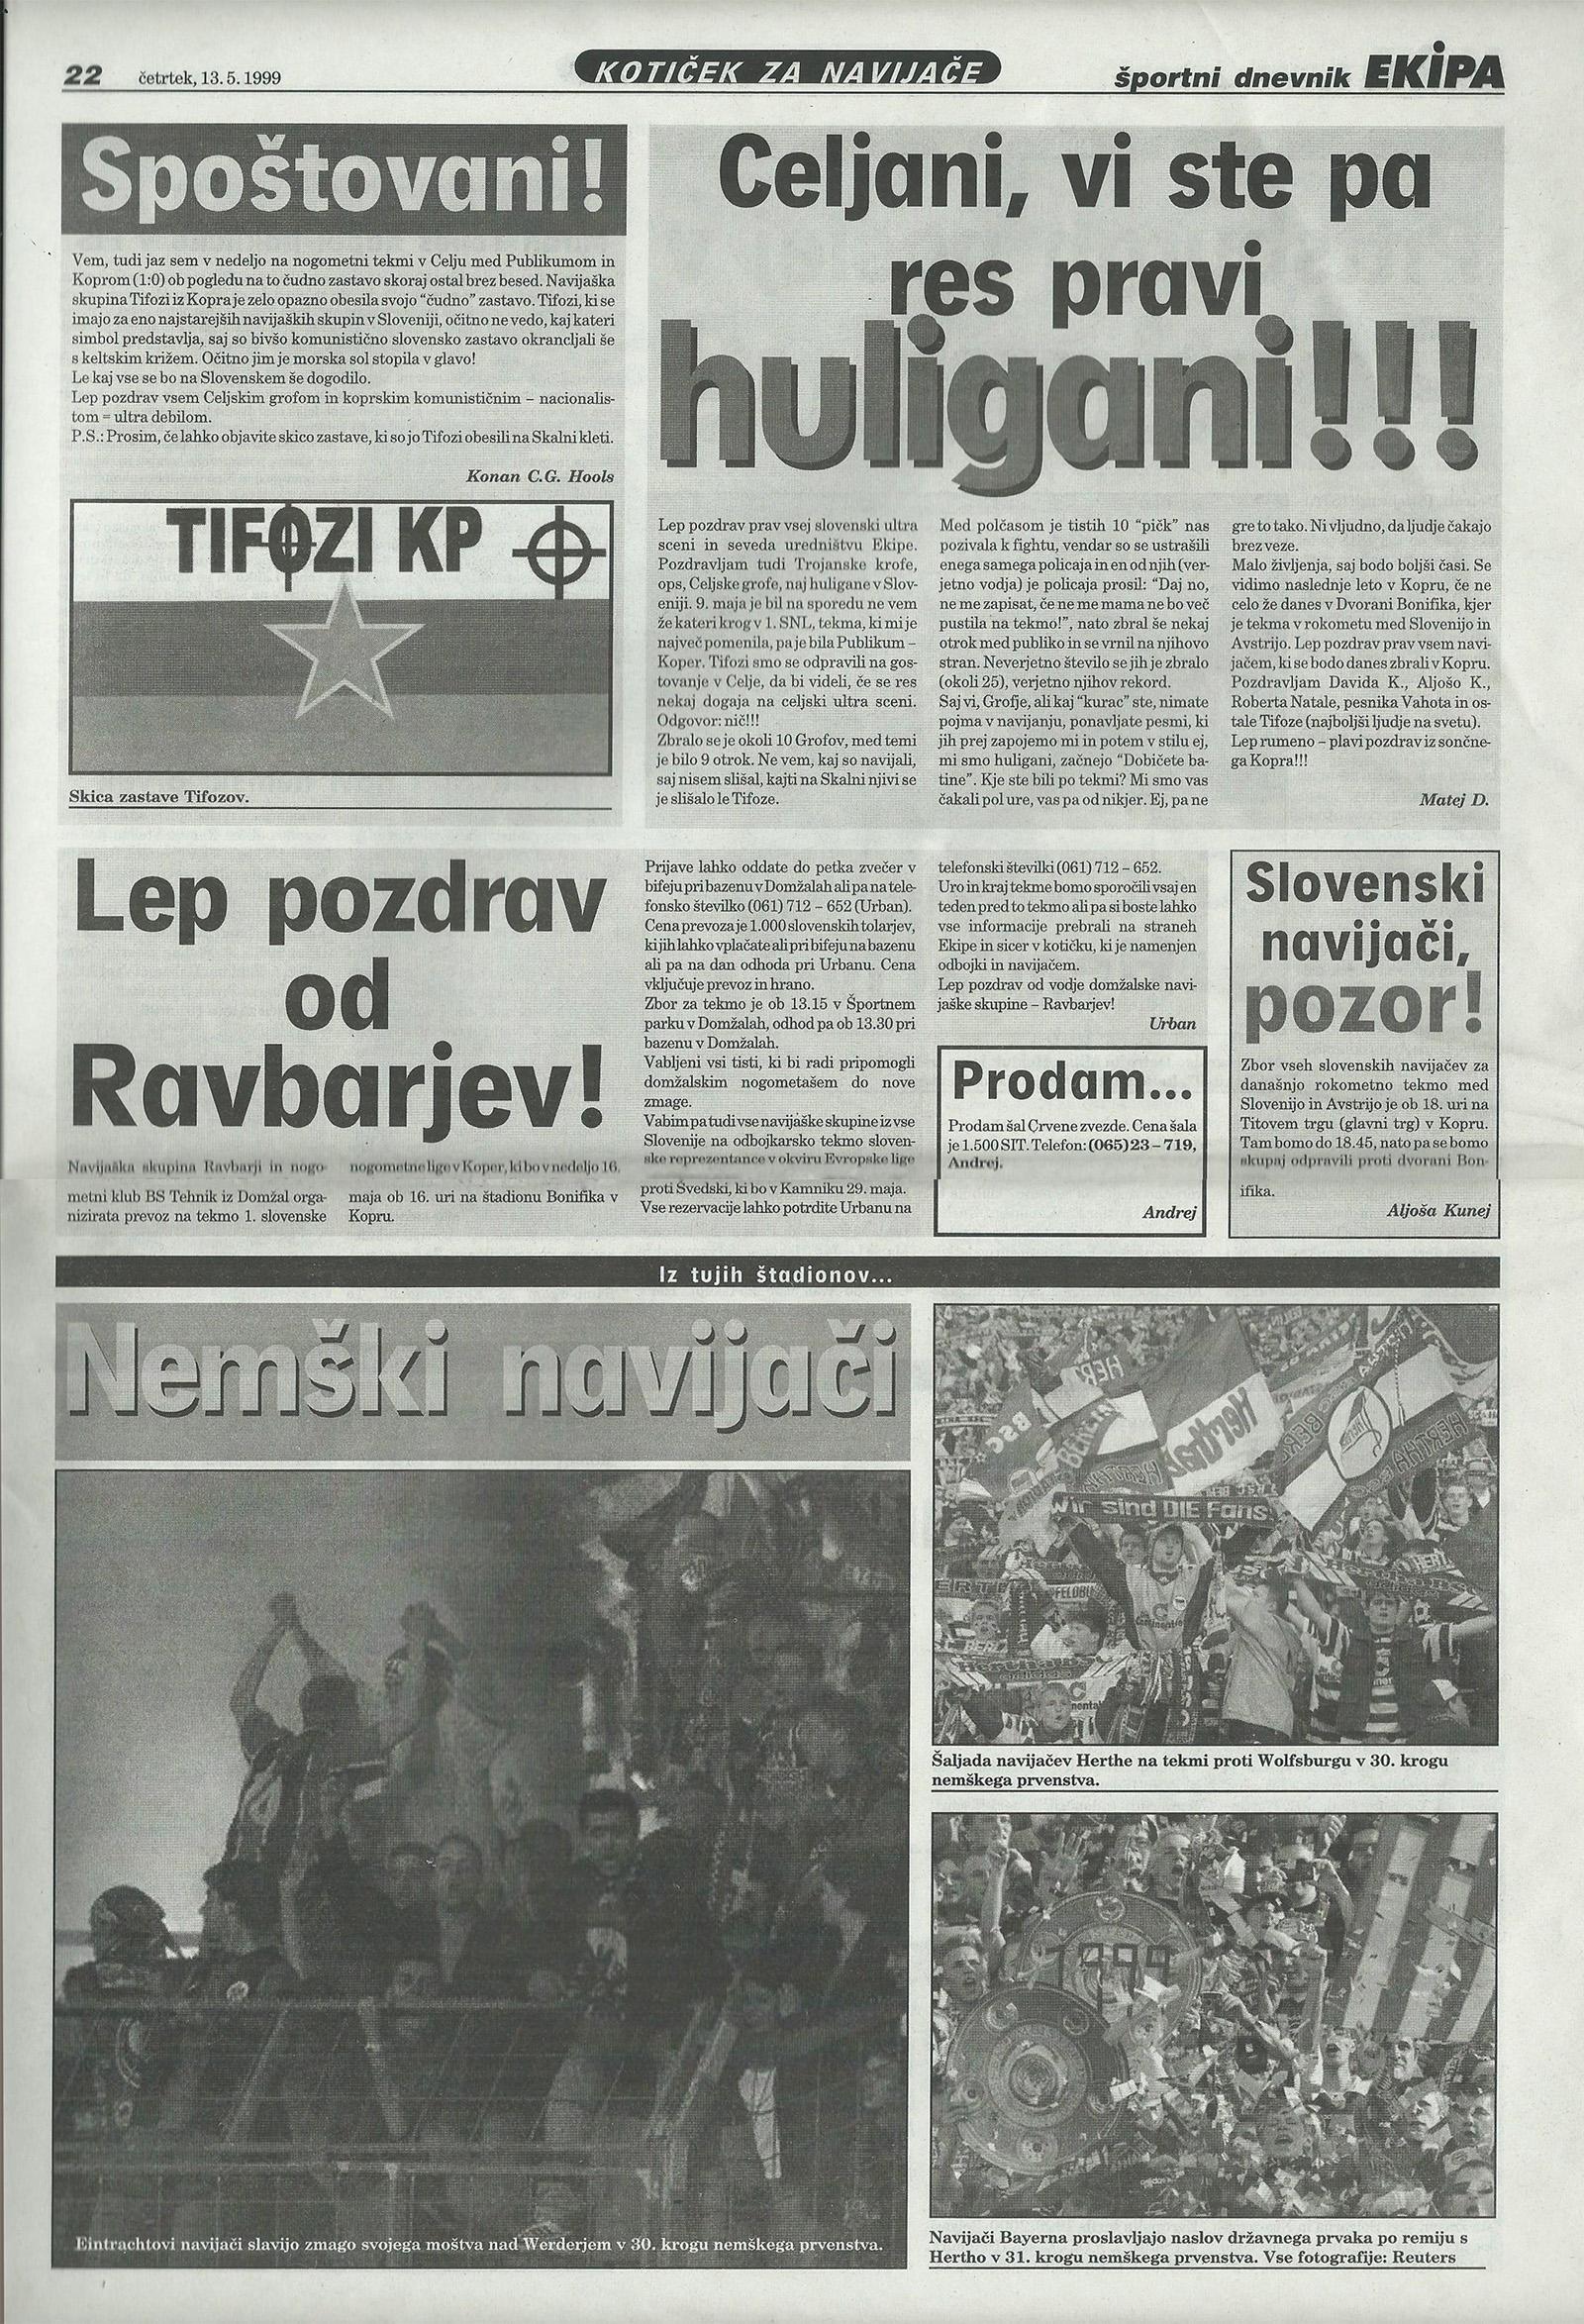 KZN_13-5-1999_1600px